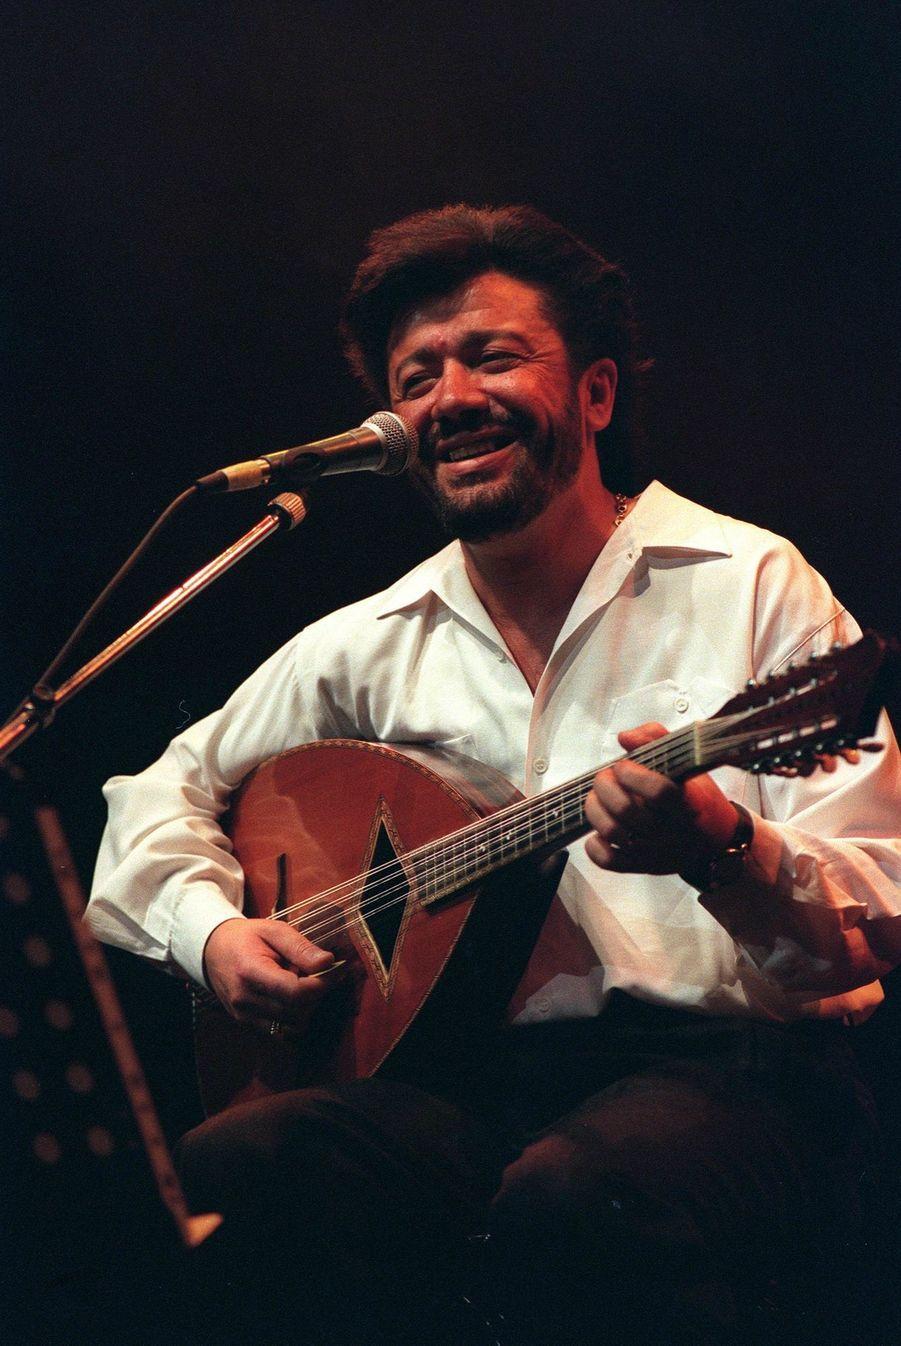 Matoub Lounès en concert à Bercy en 1995.